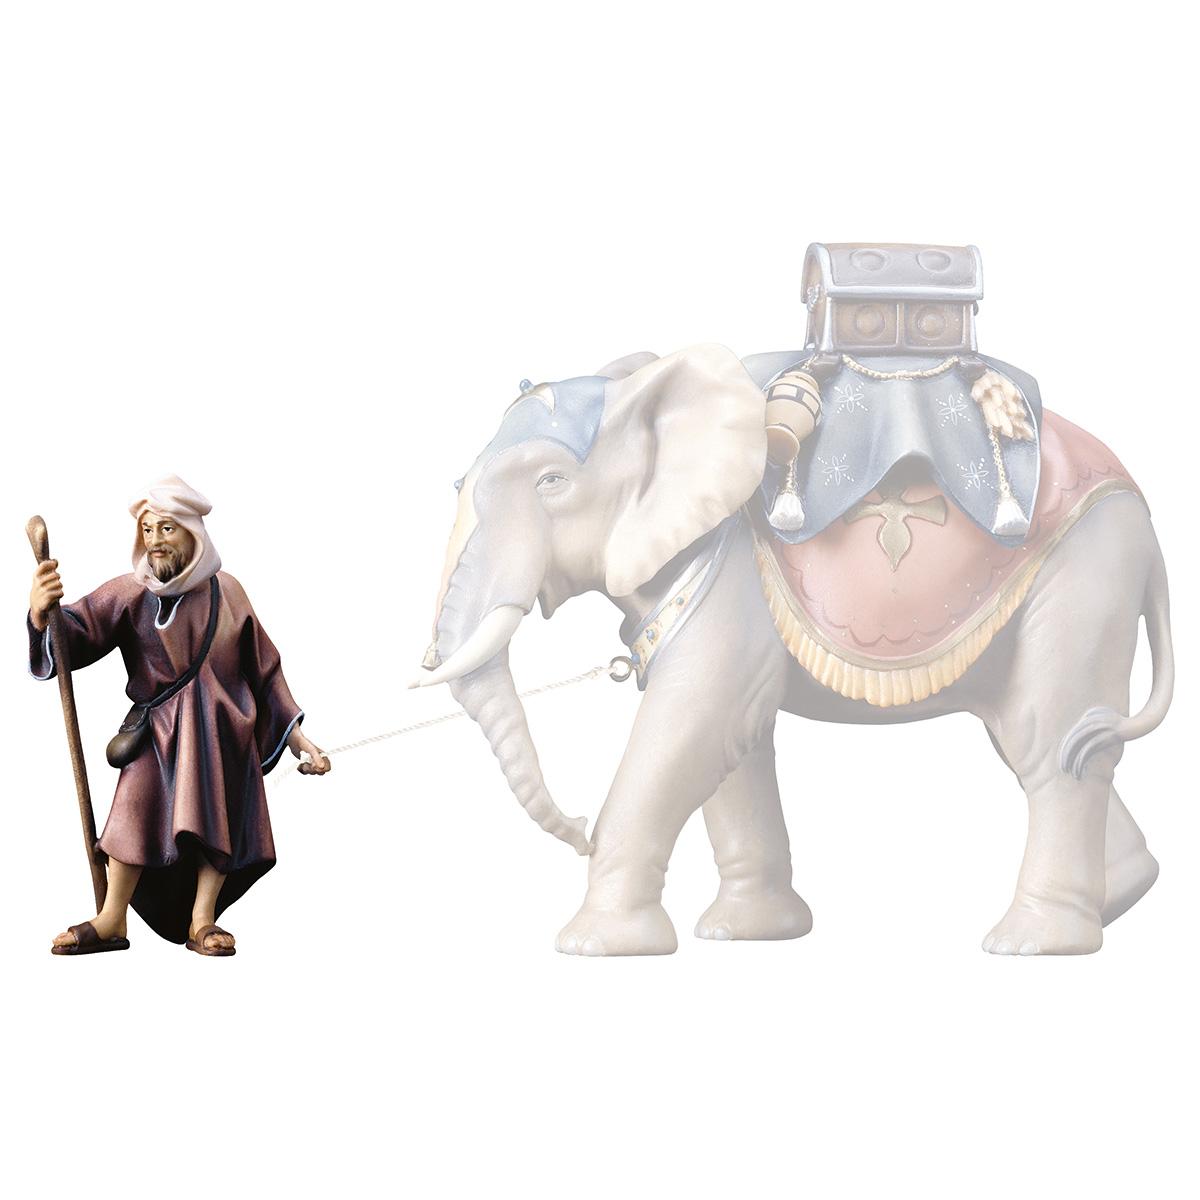 Elefantentreiber stehend (passend zu Elefant stehend)